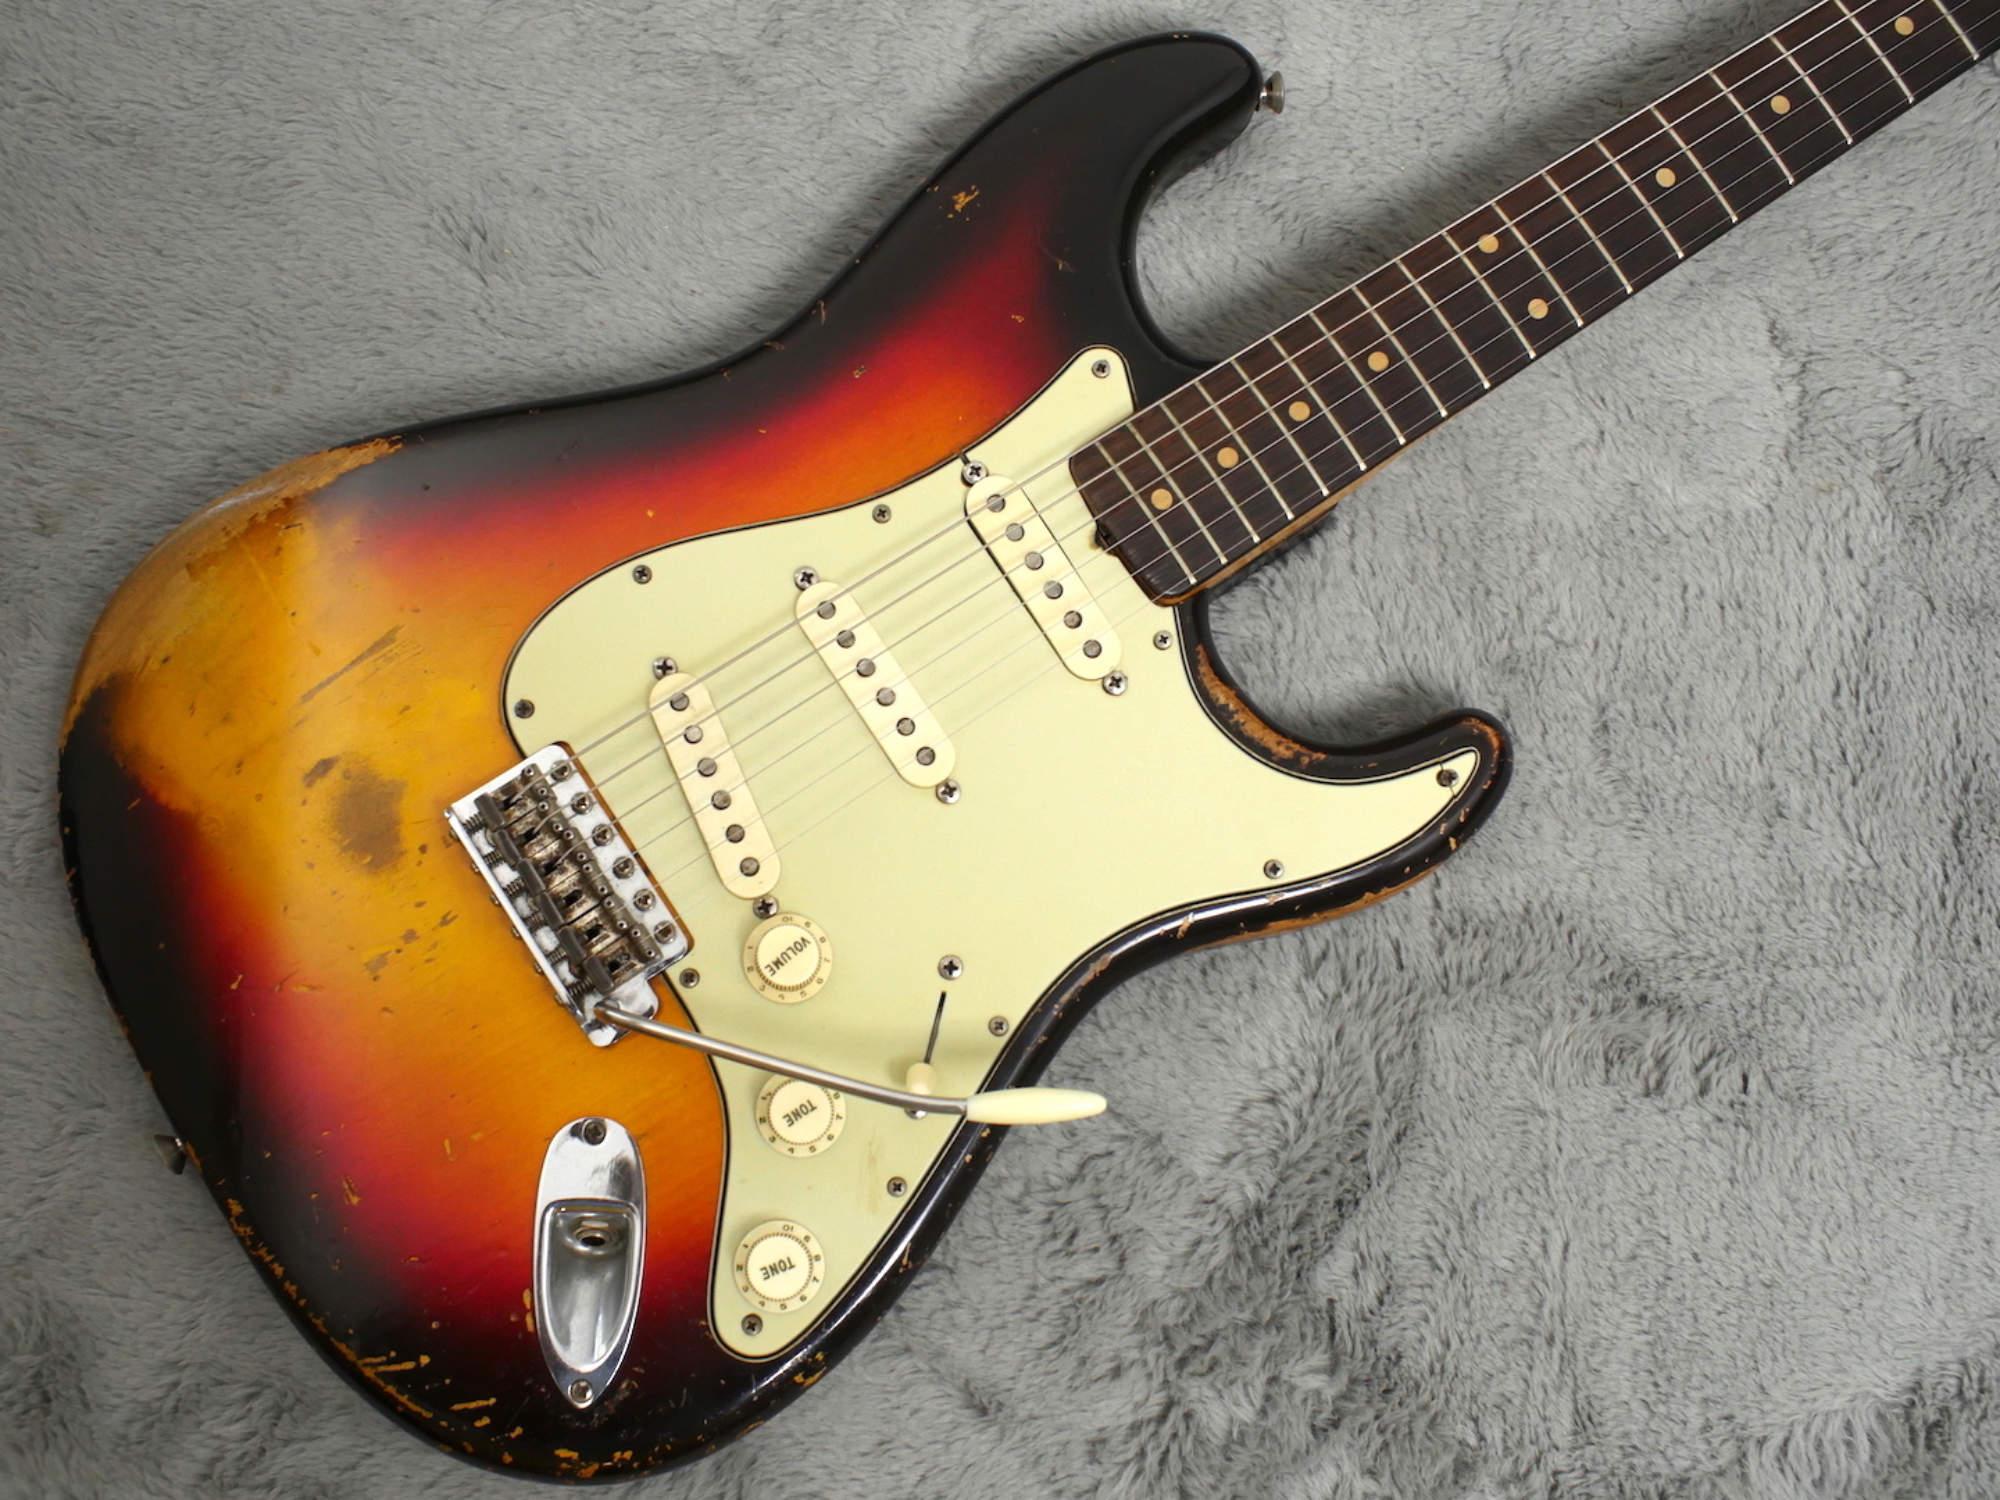 1961 Fender Slab Board Stratocaster + OHSC